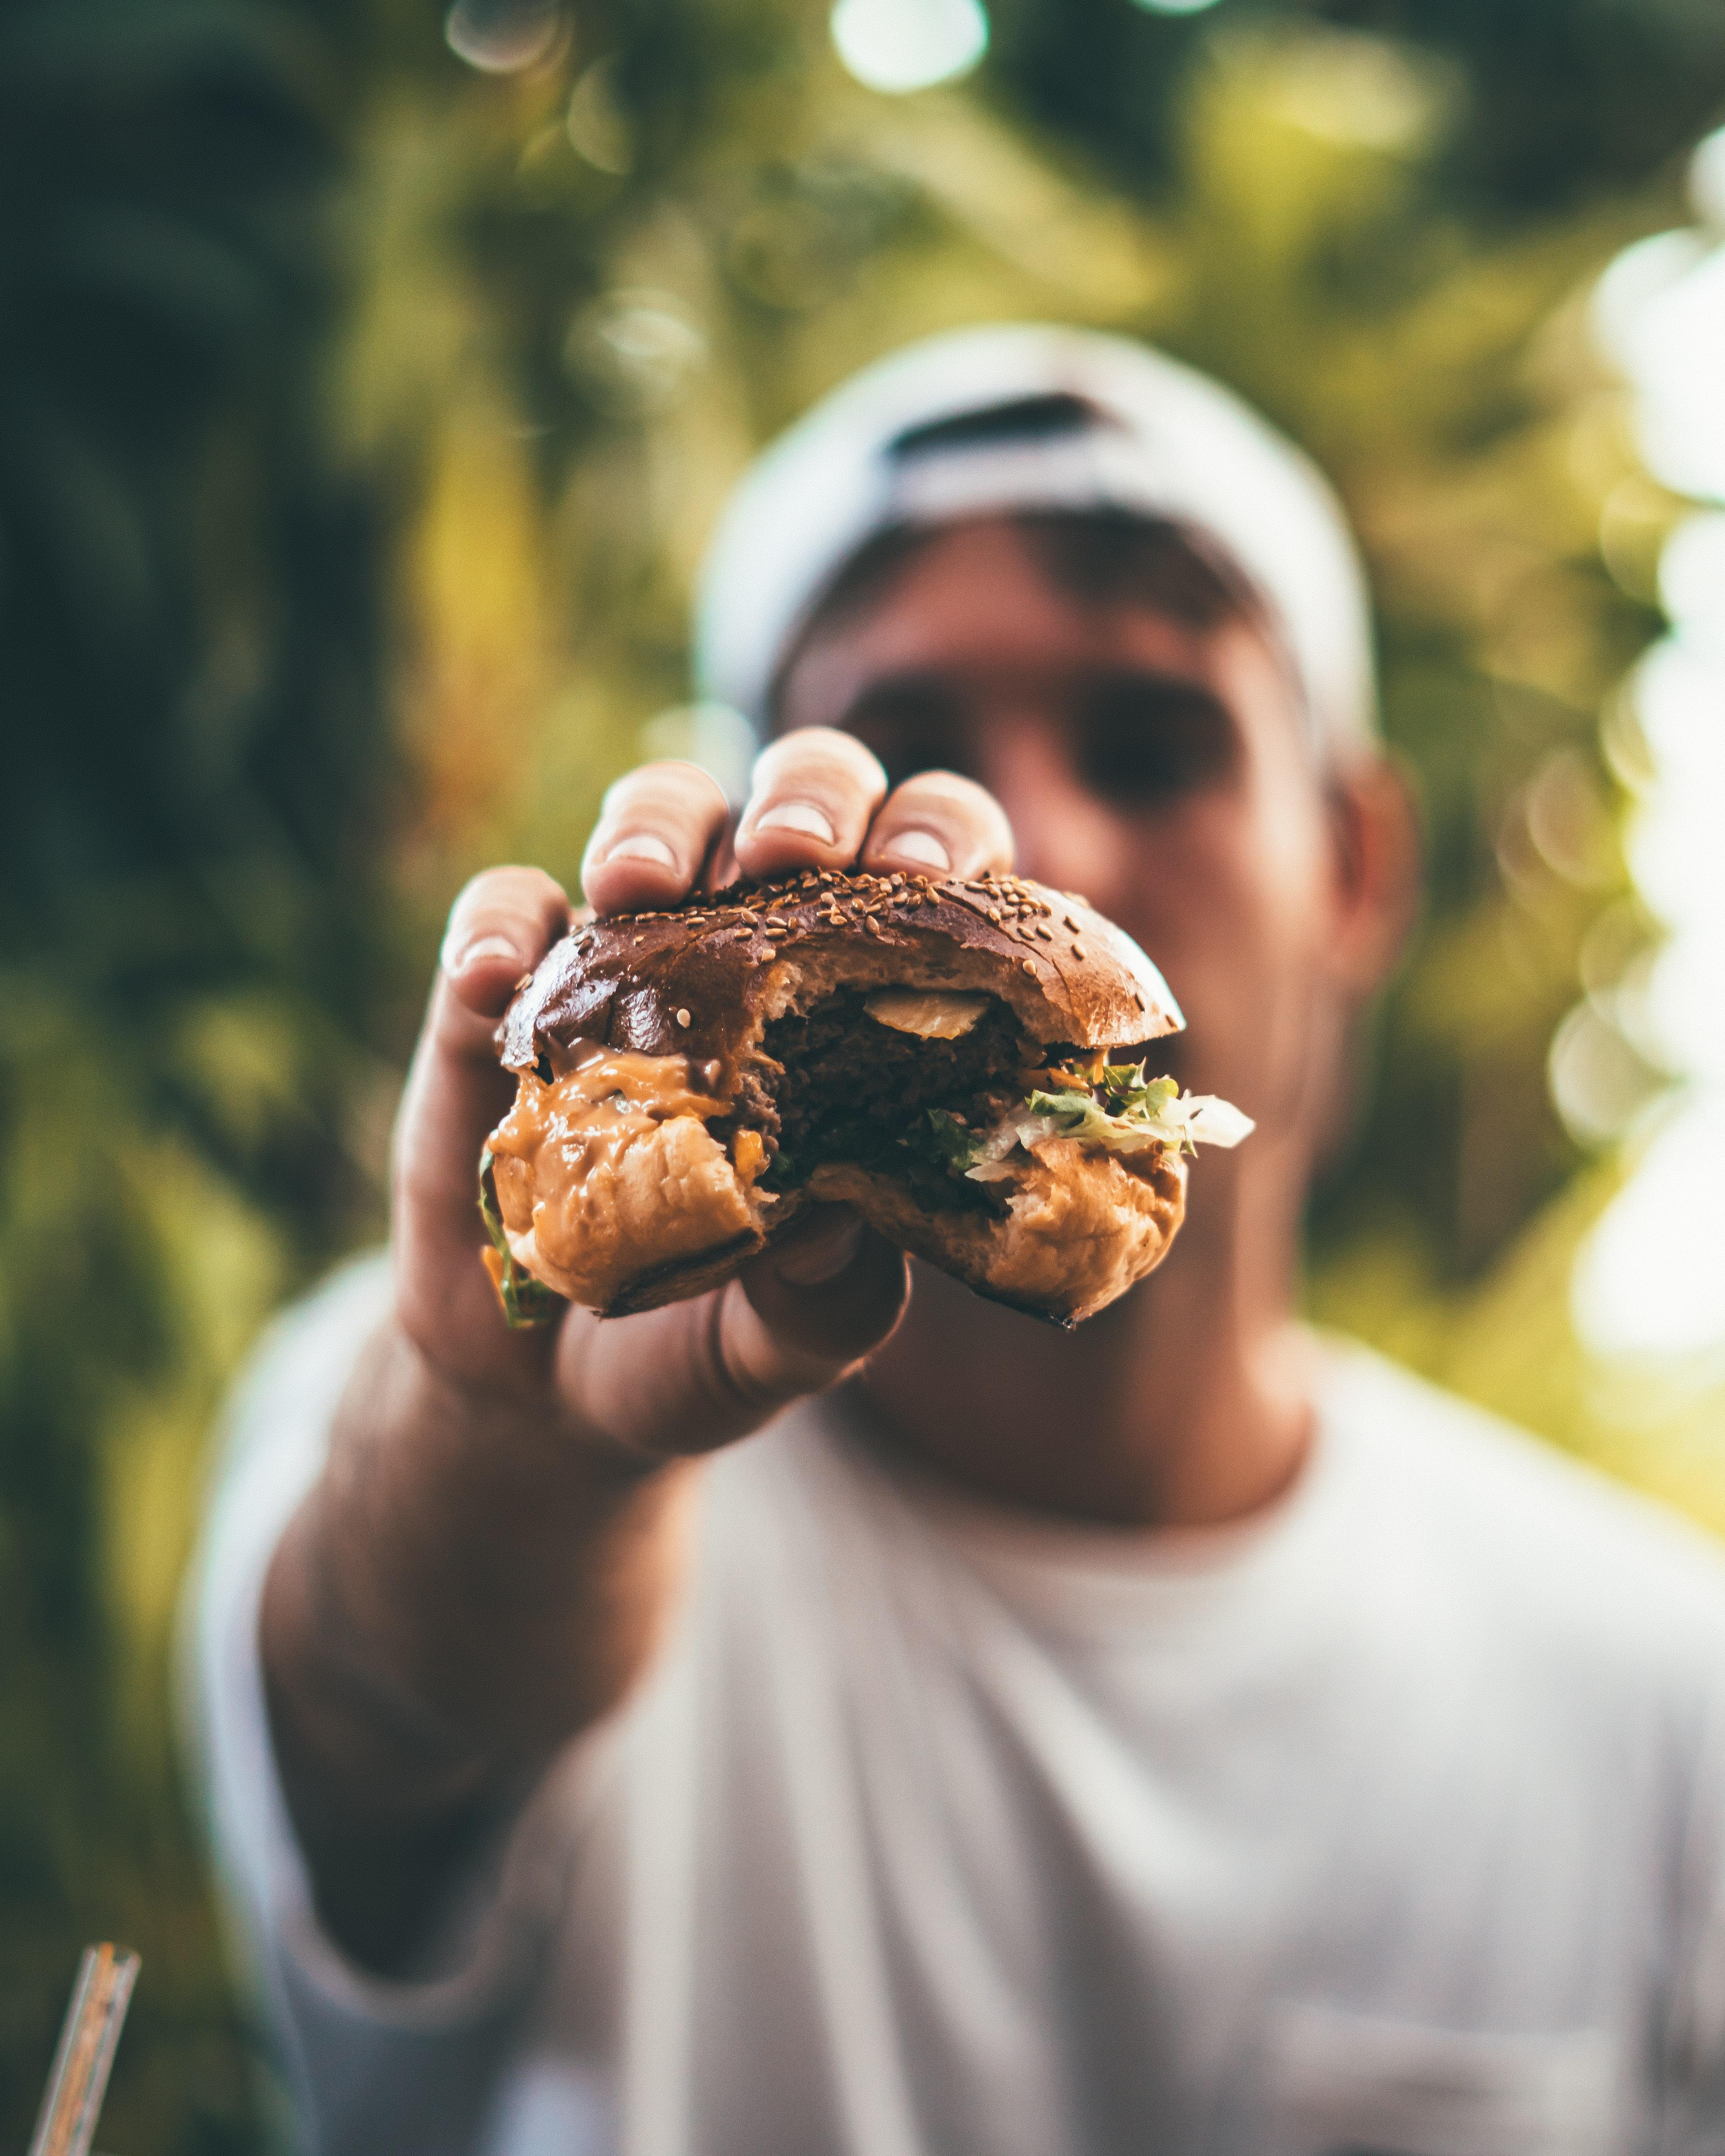 Probleme me peshën…, tashmë mund të dobësoheni pa sforco fare